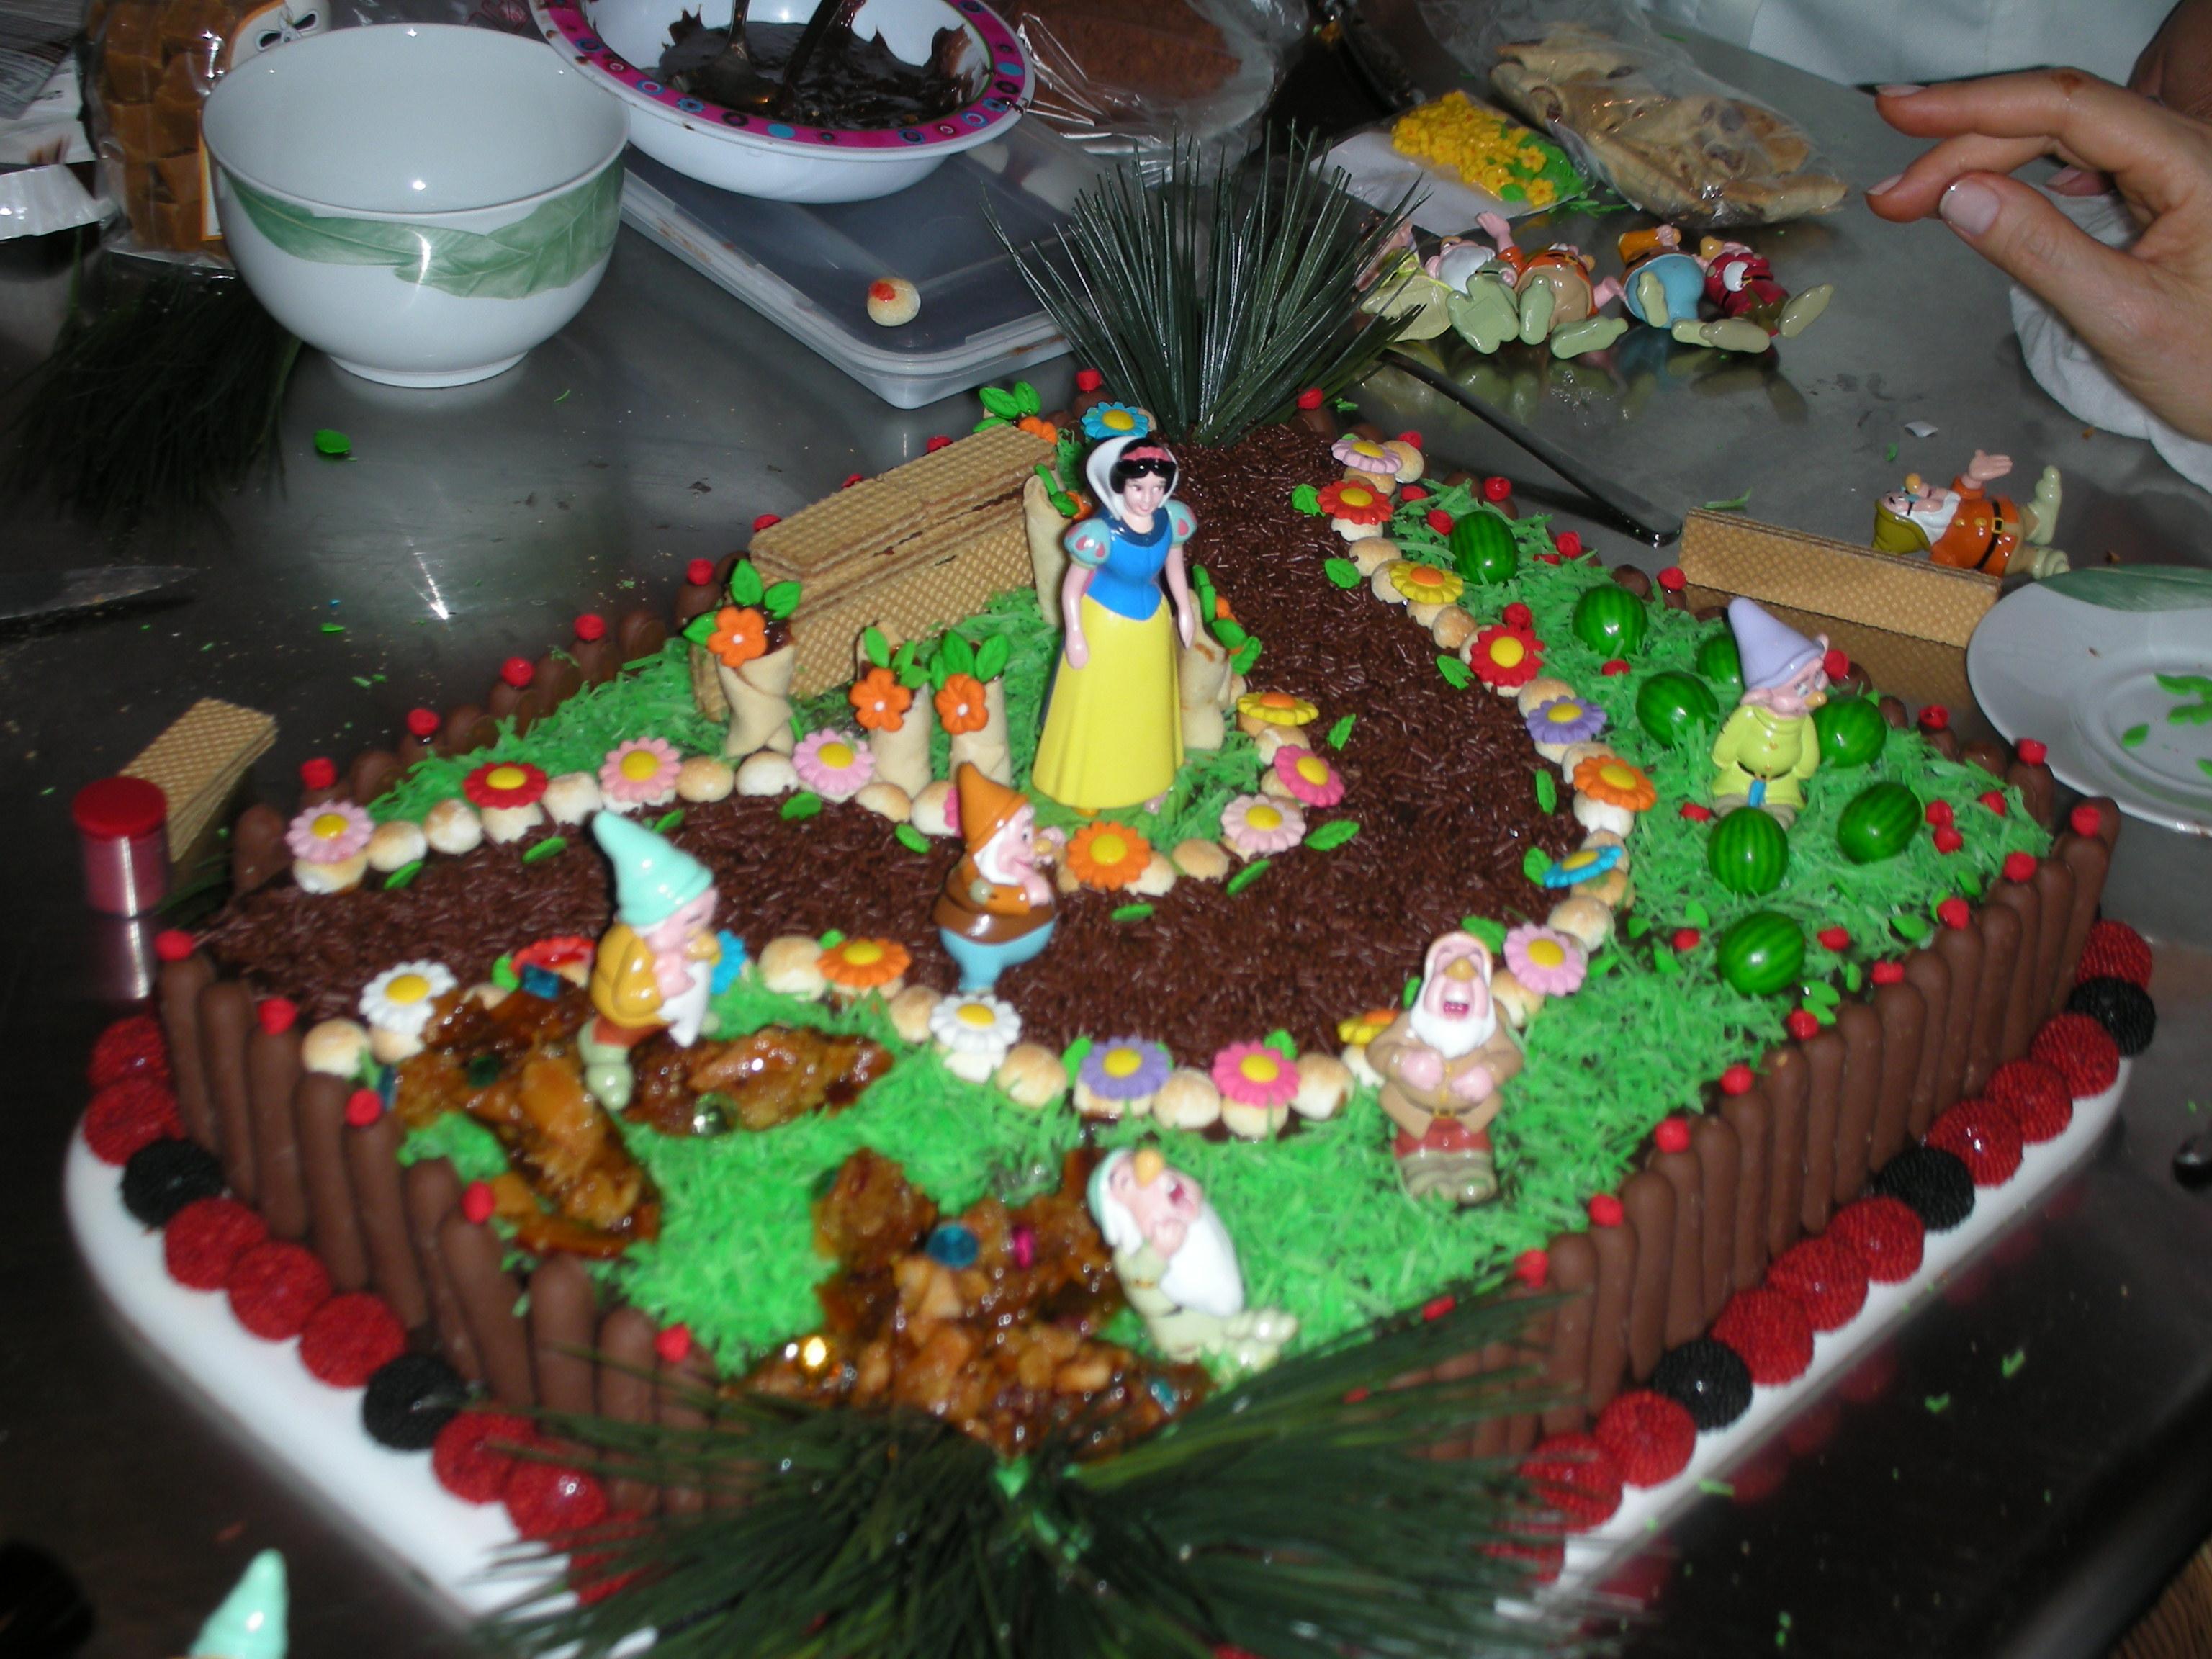 Decorar o bolo brincando